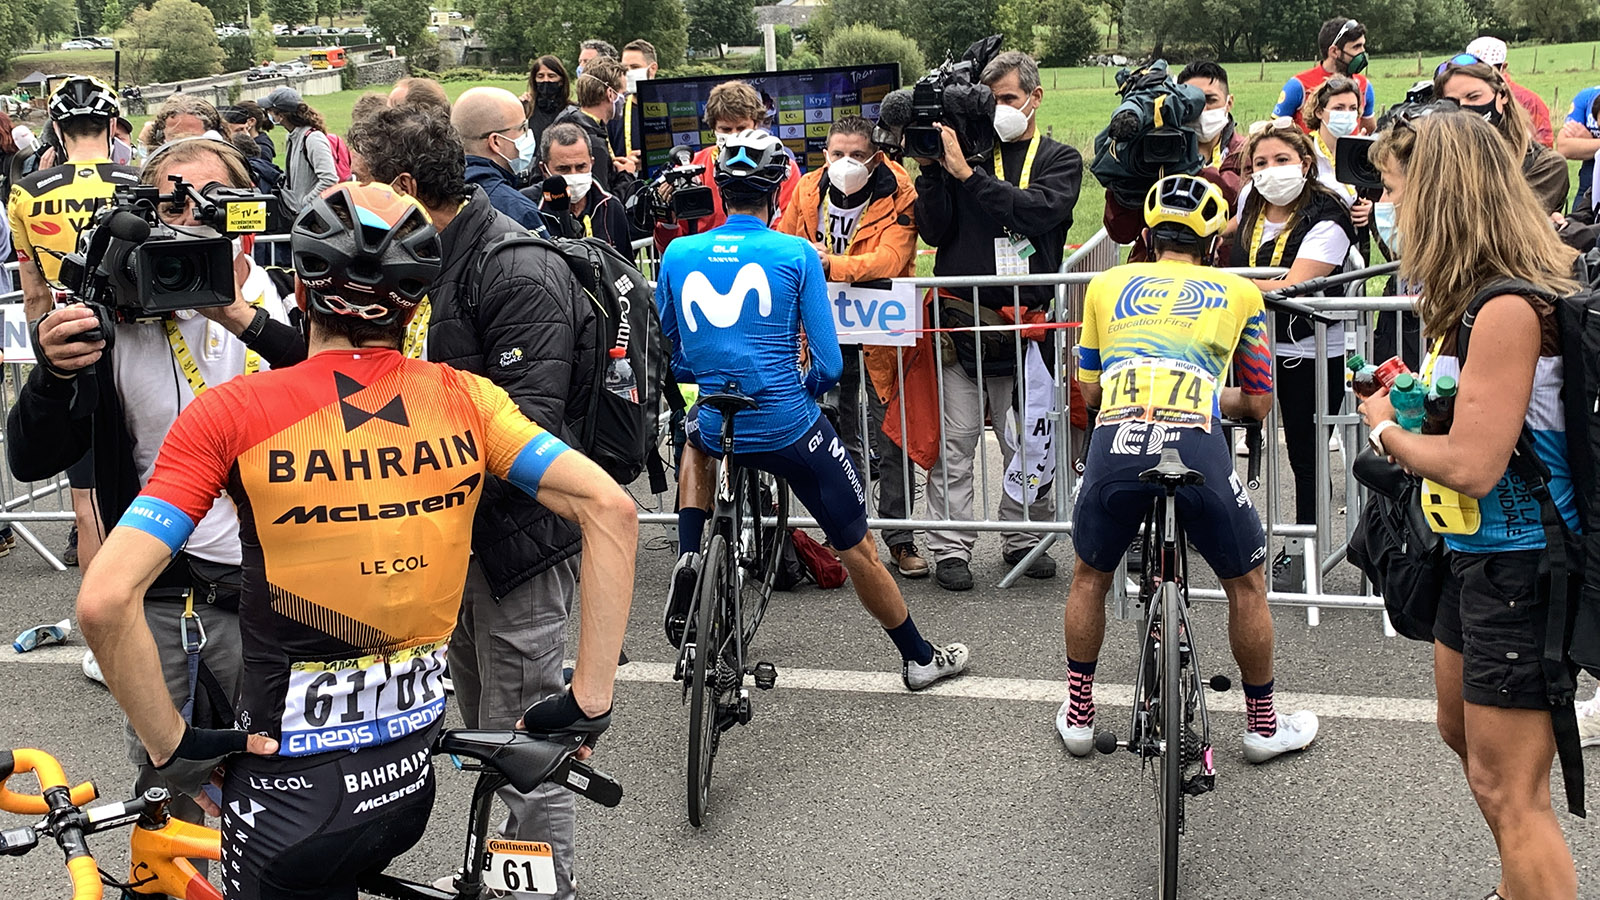 Kaum angekommen, geben die Profis Interviews. Ohne nach dem Rennen sichtlich aus der Puste zu sein… Foto: Hilke Maunder